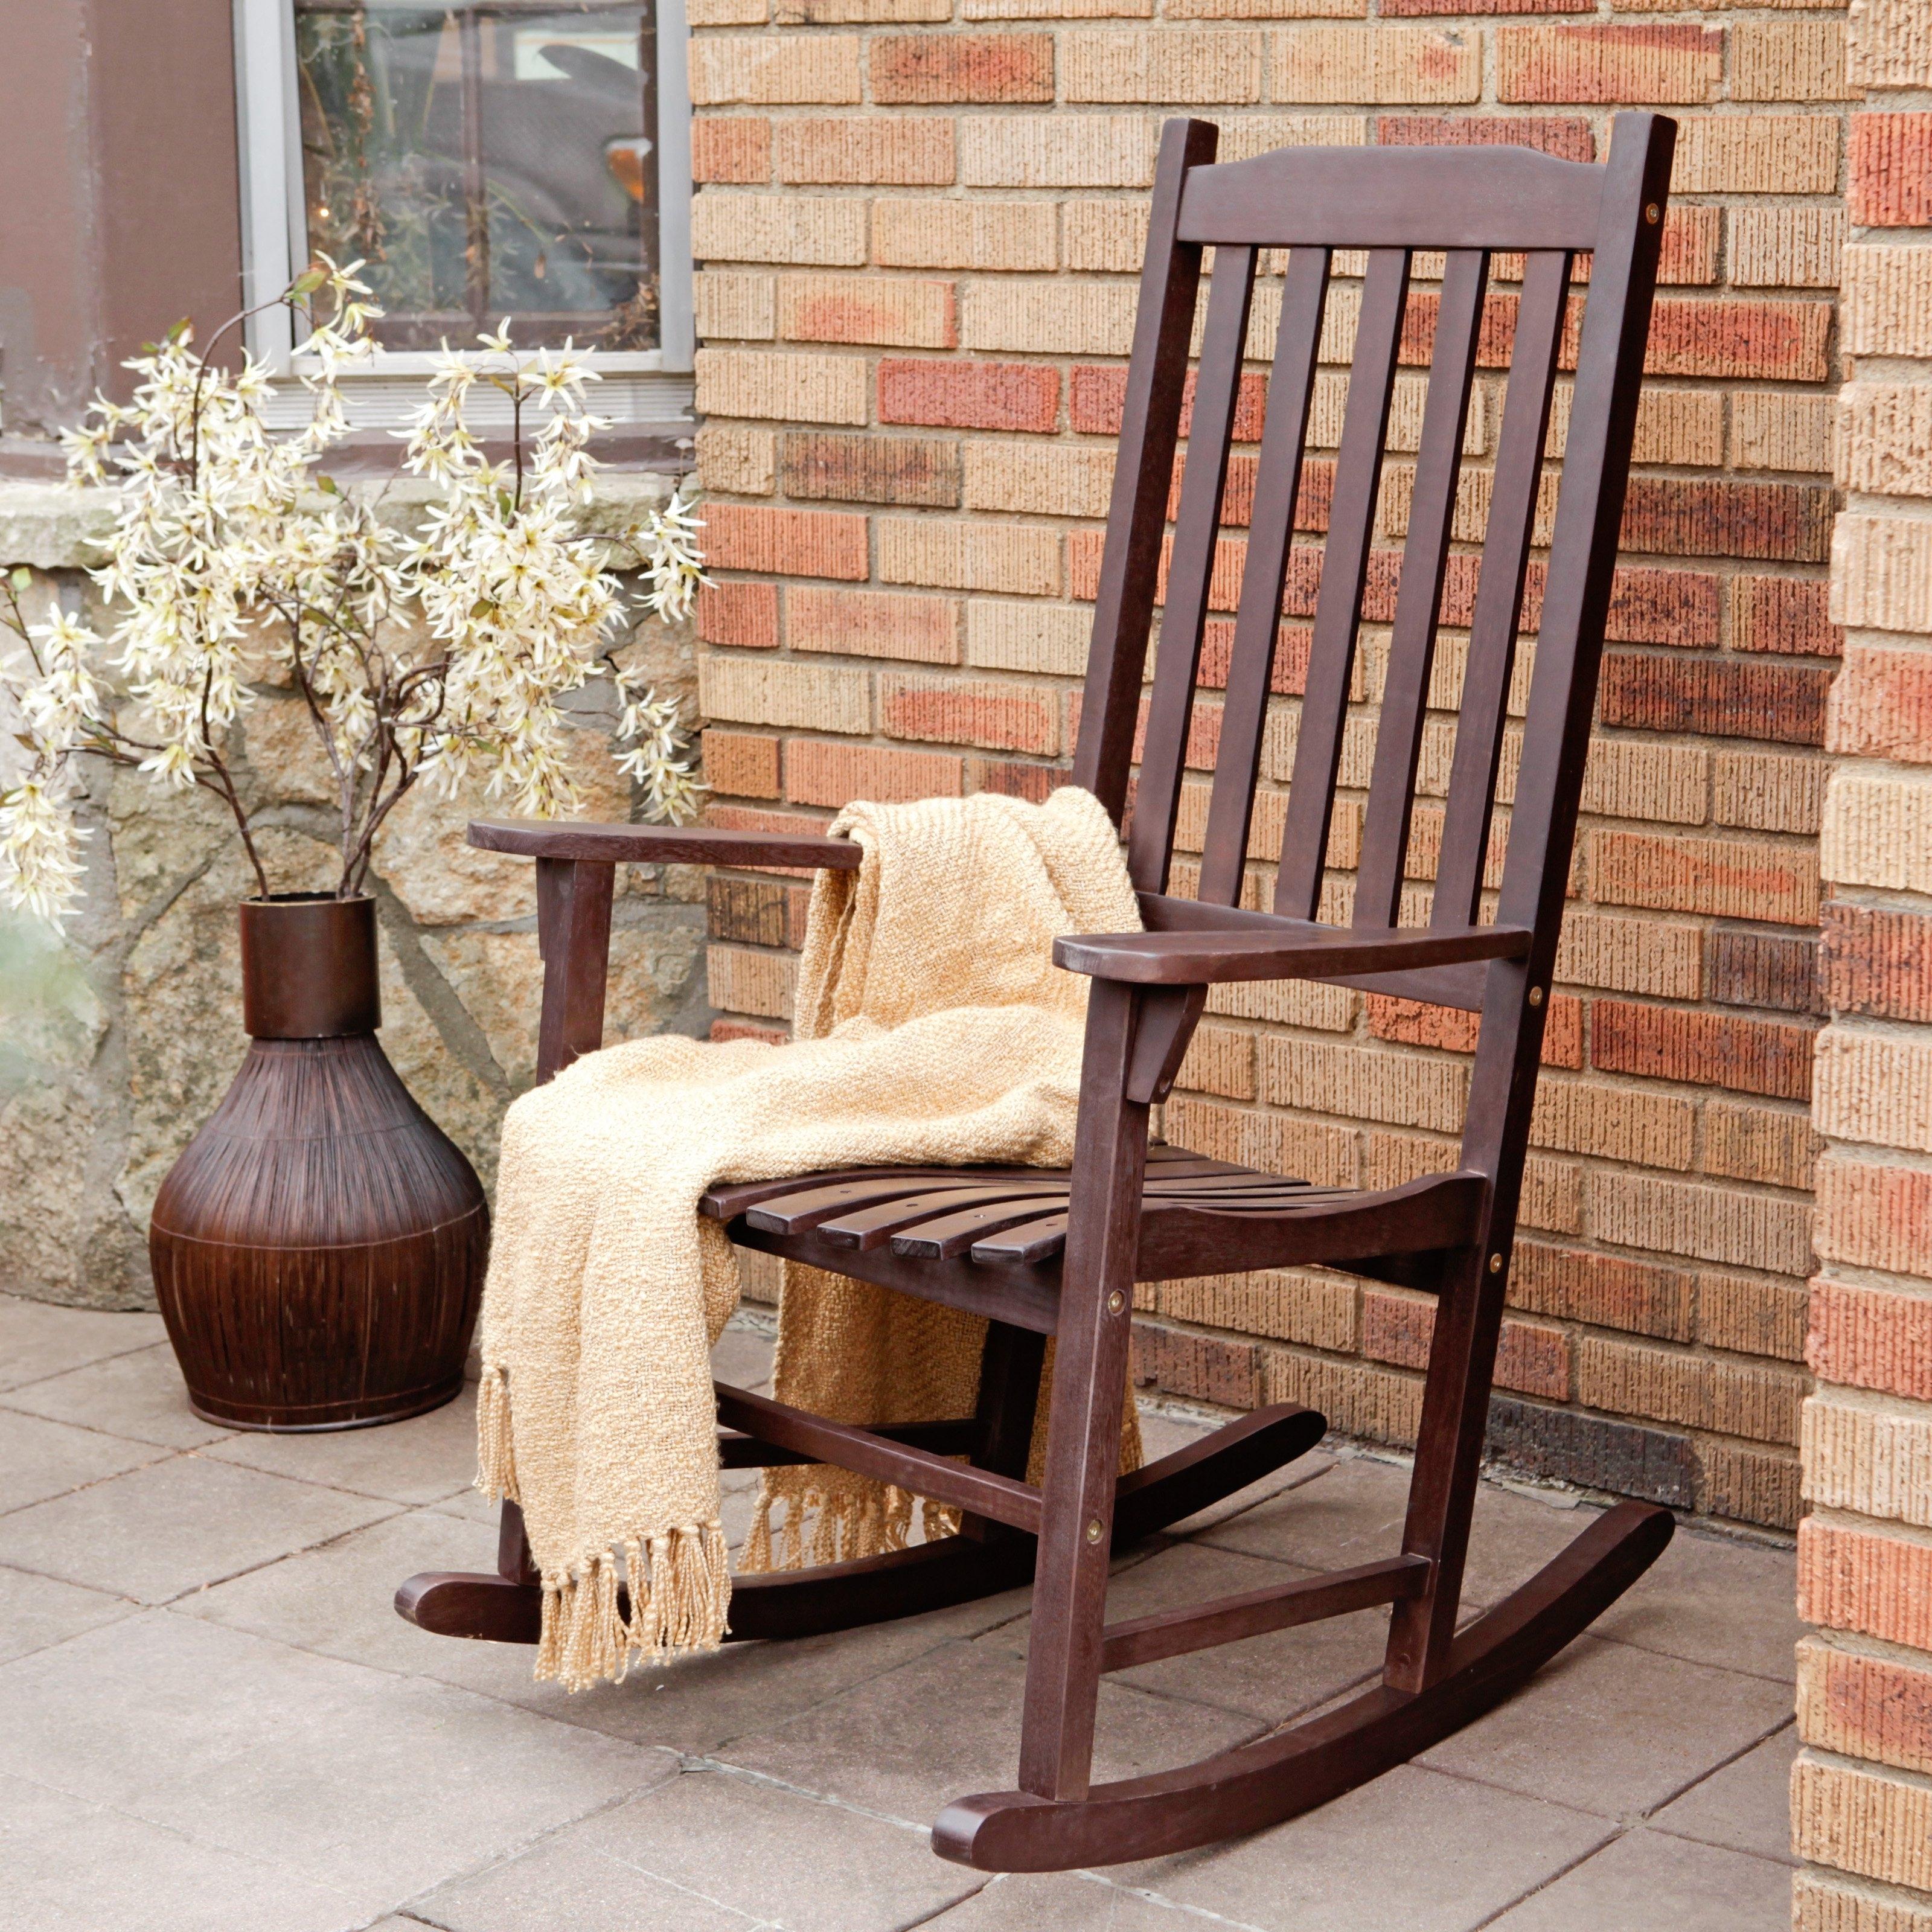 Belham Living Avondale Oversized Outdoor Rocking Chair Natural In Oversized Patio Rocking Chairs (View 3 of 15)